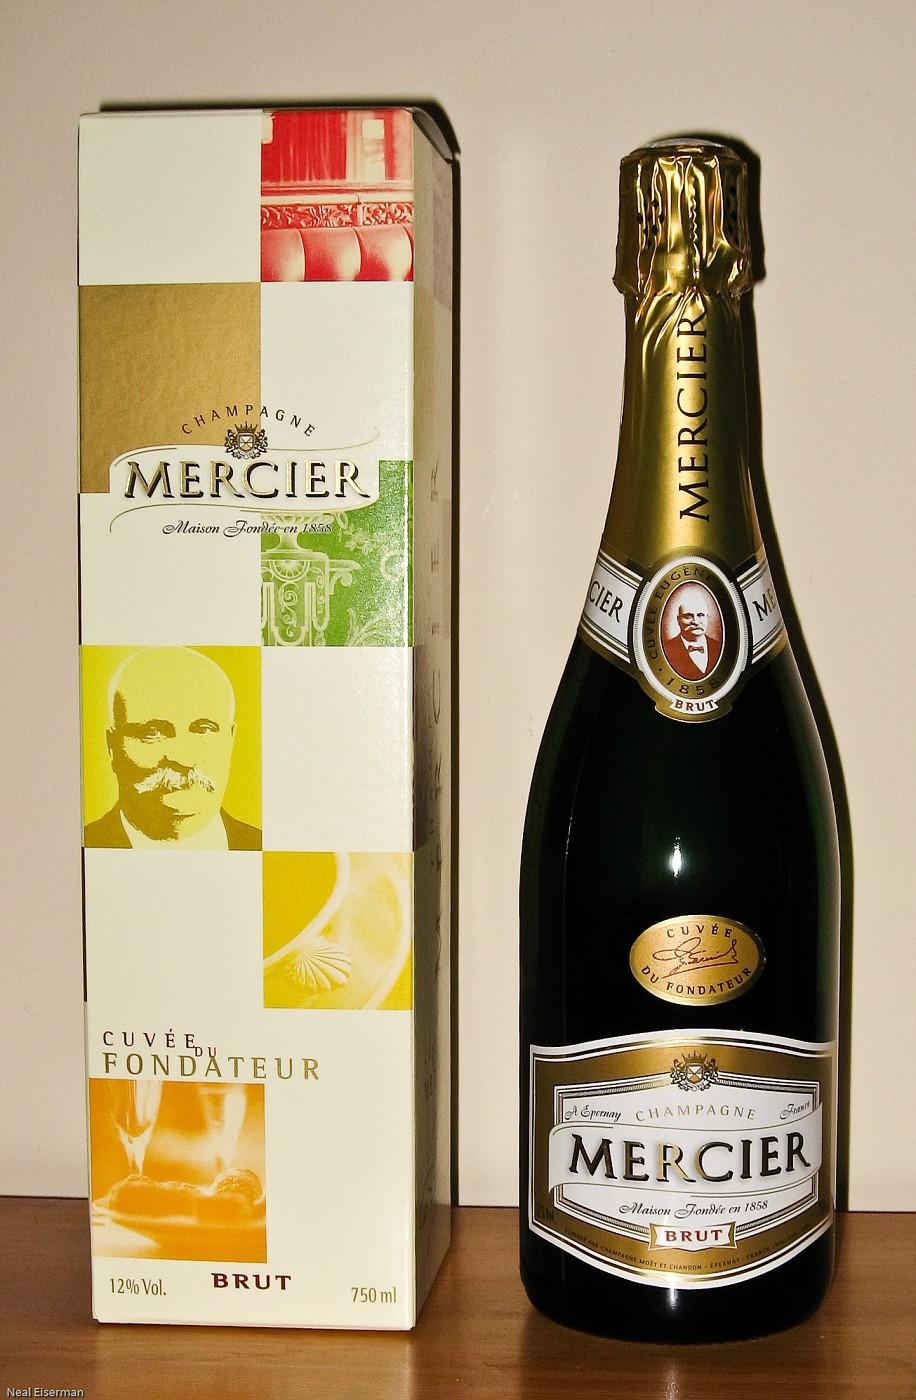 Champagne Mercier- Cuvee du Fondateur